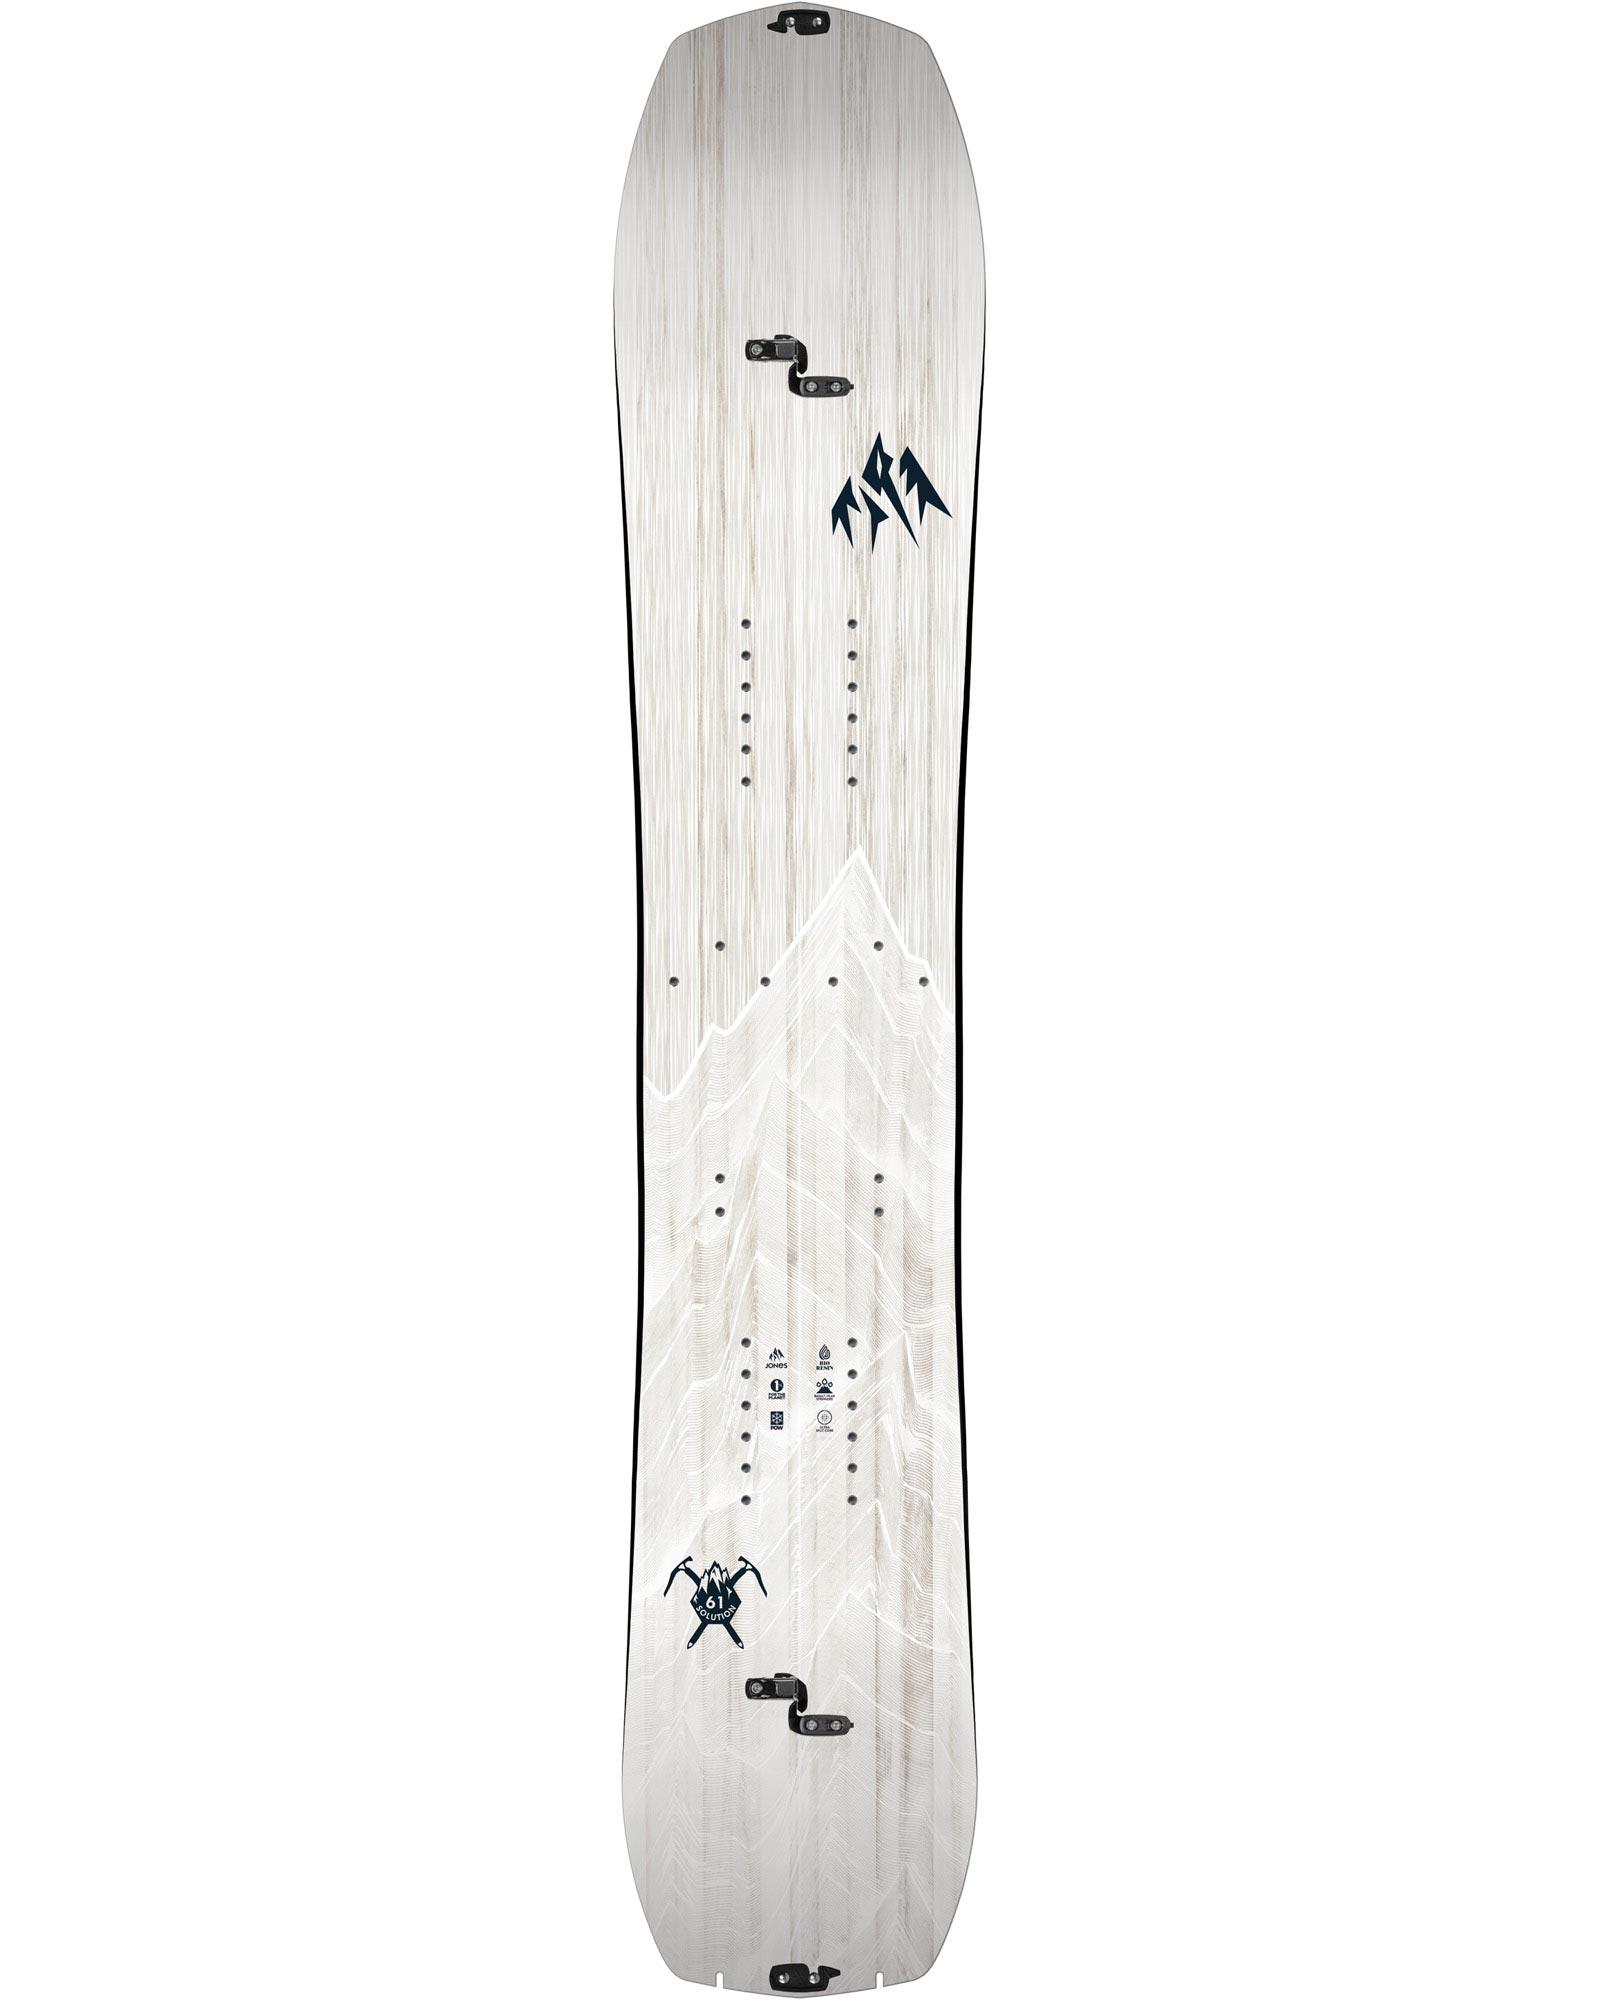 Head Mens Kore 93 Freeride Skis 2020 / 2021